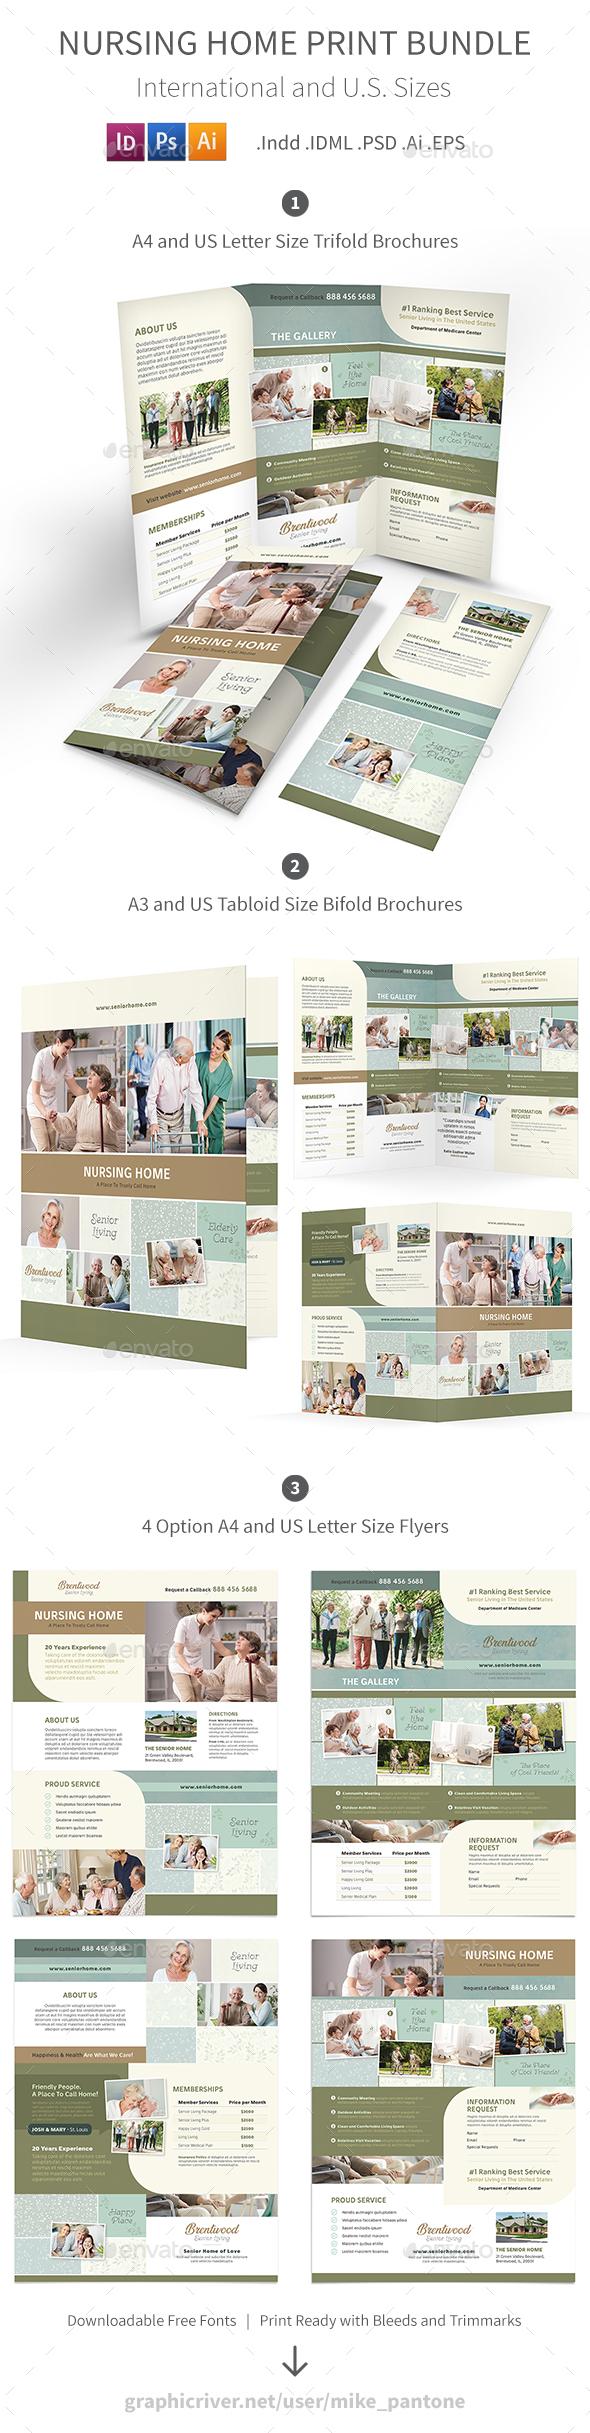 Nursing Home Print Bundle 2 - Informational Brochures